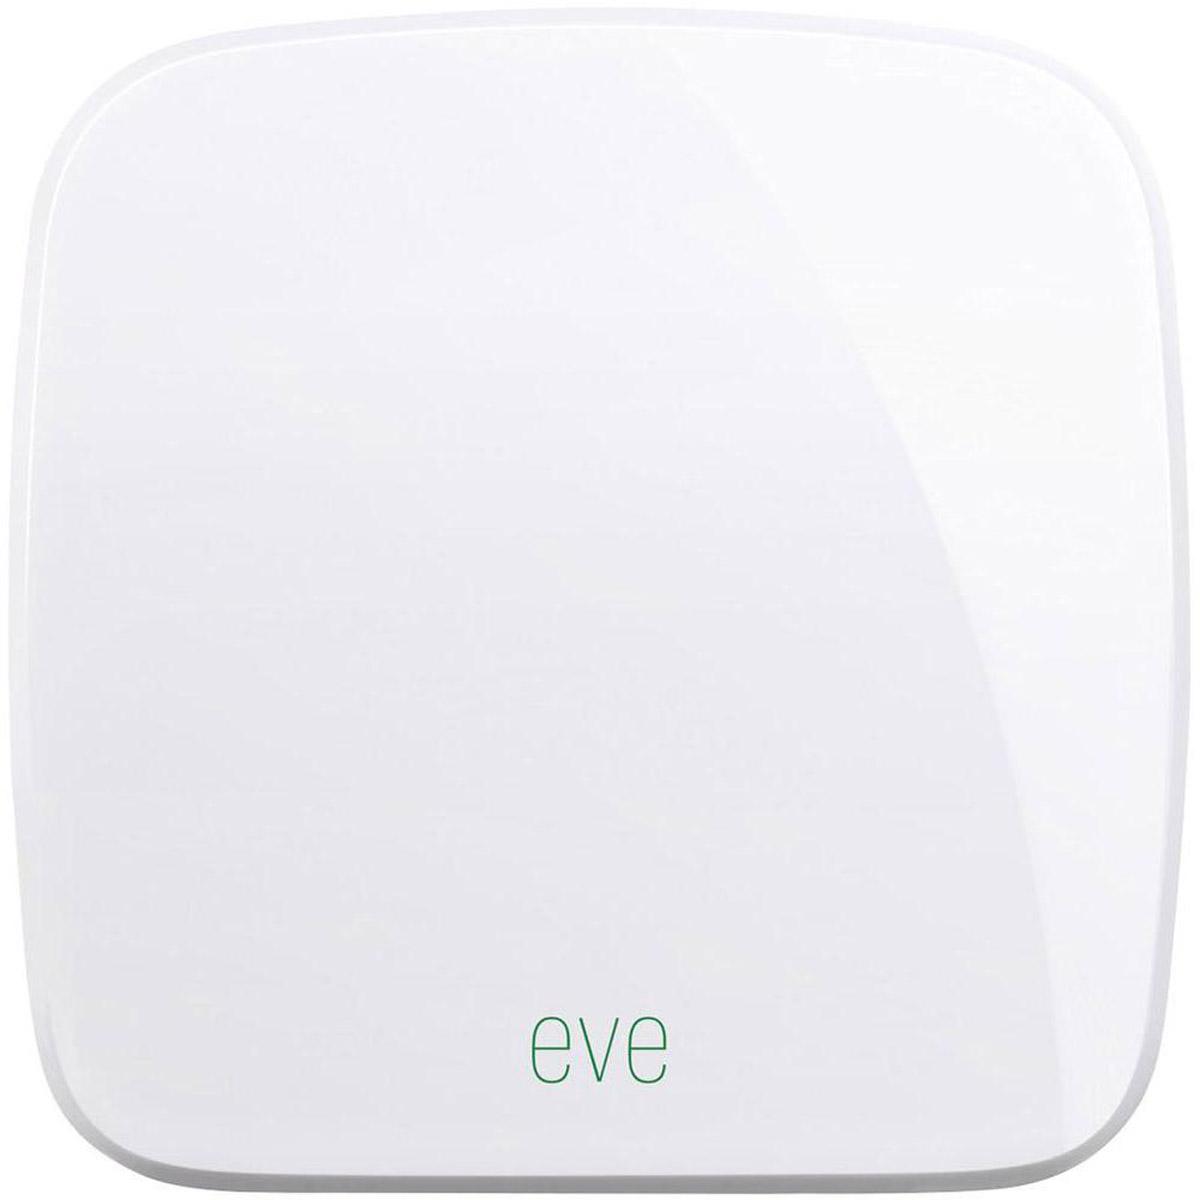 Elgato Eve Room беспроводной датчик - Погодные станции